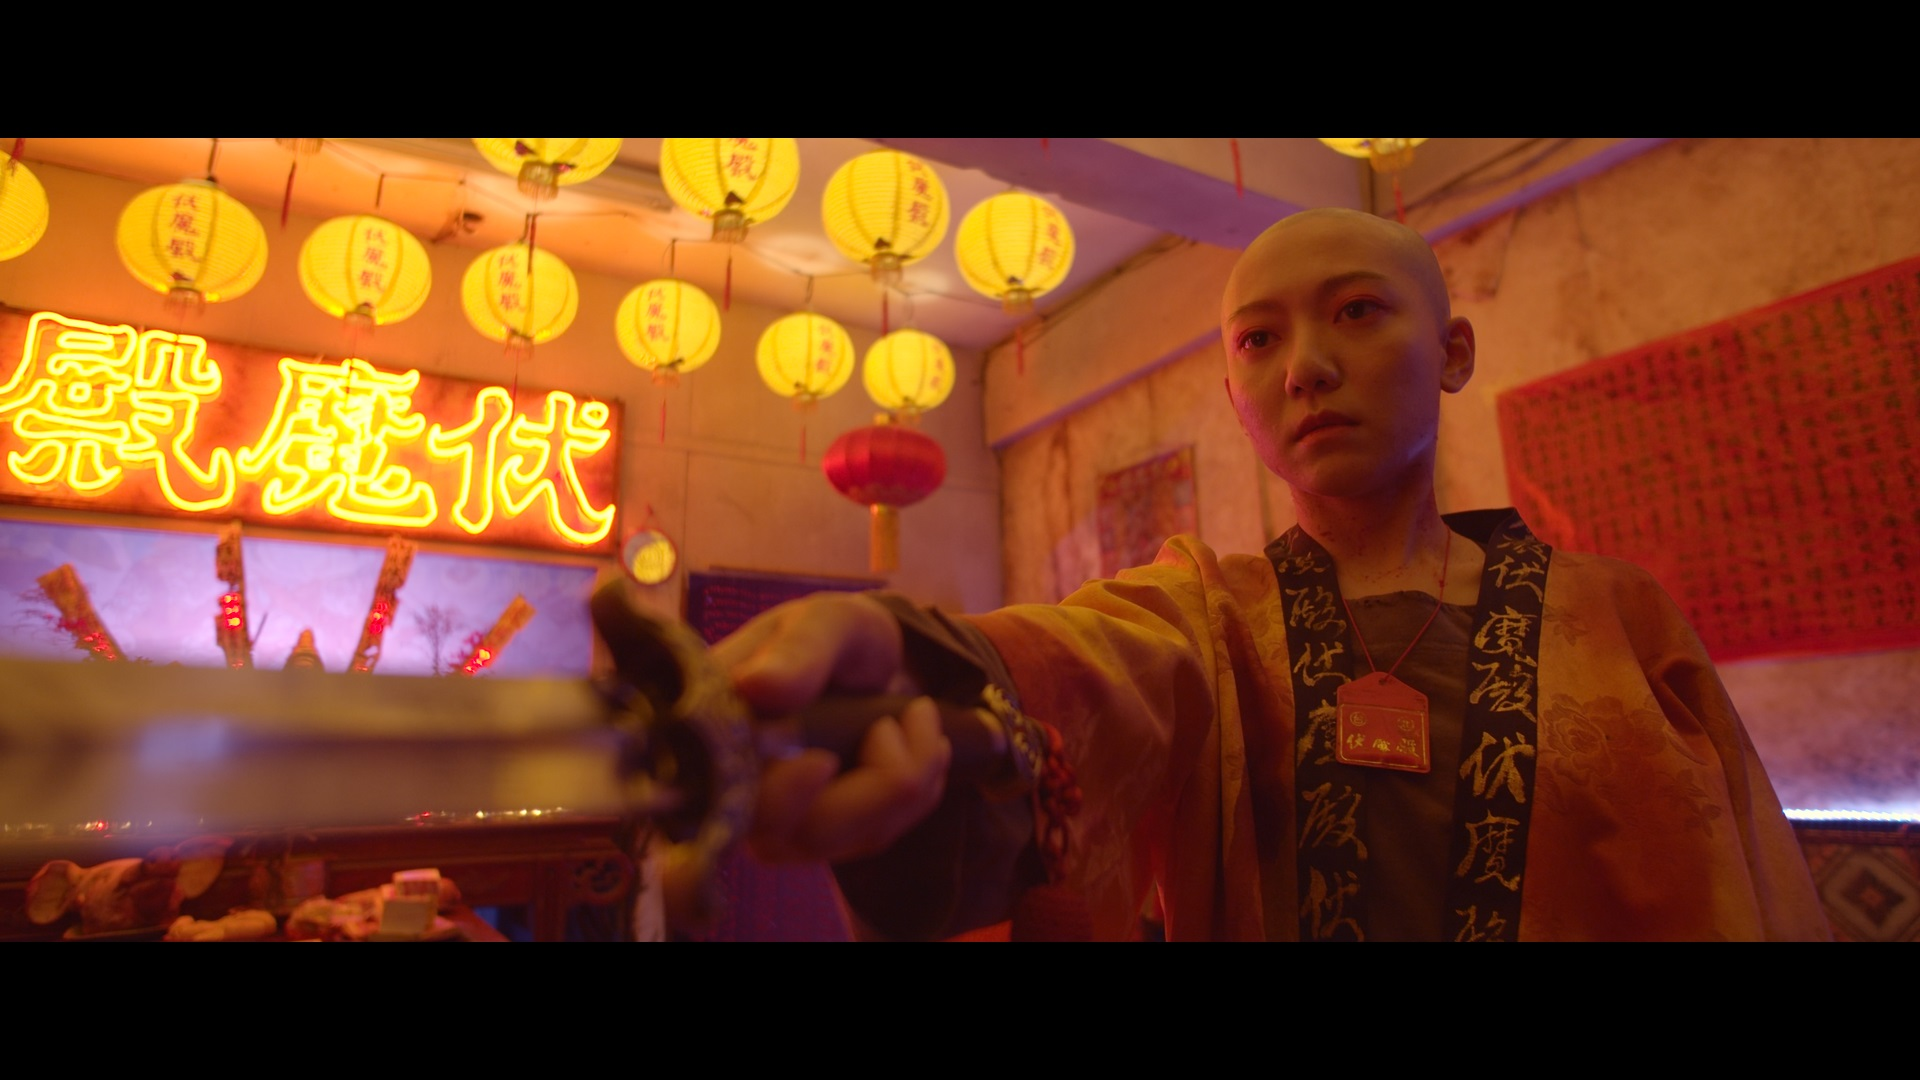 國片《伏魔殿》宗教色彩隱喻台灣法官與罪犯 與夥伴共創恐怖血砲噴射器